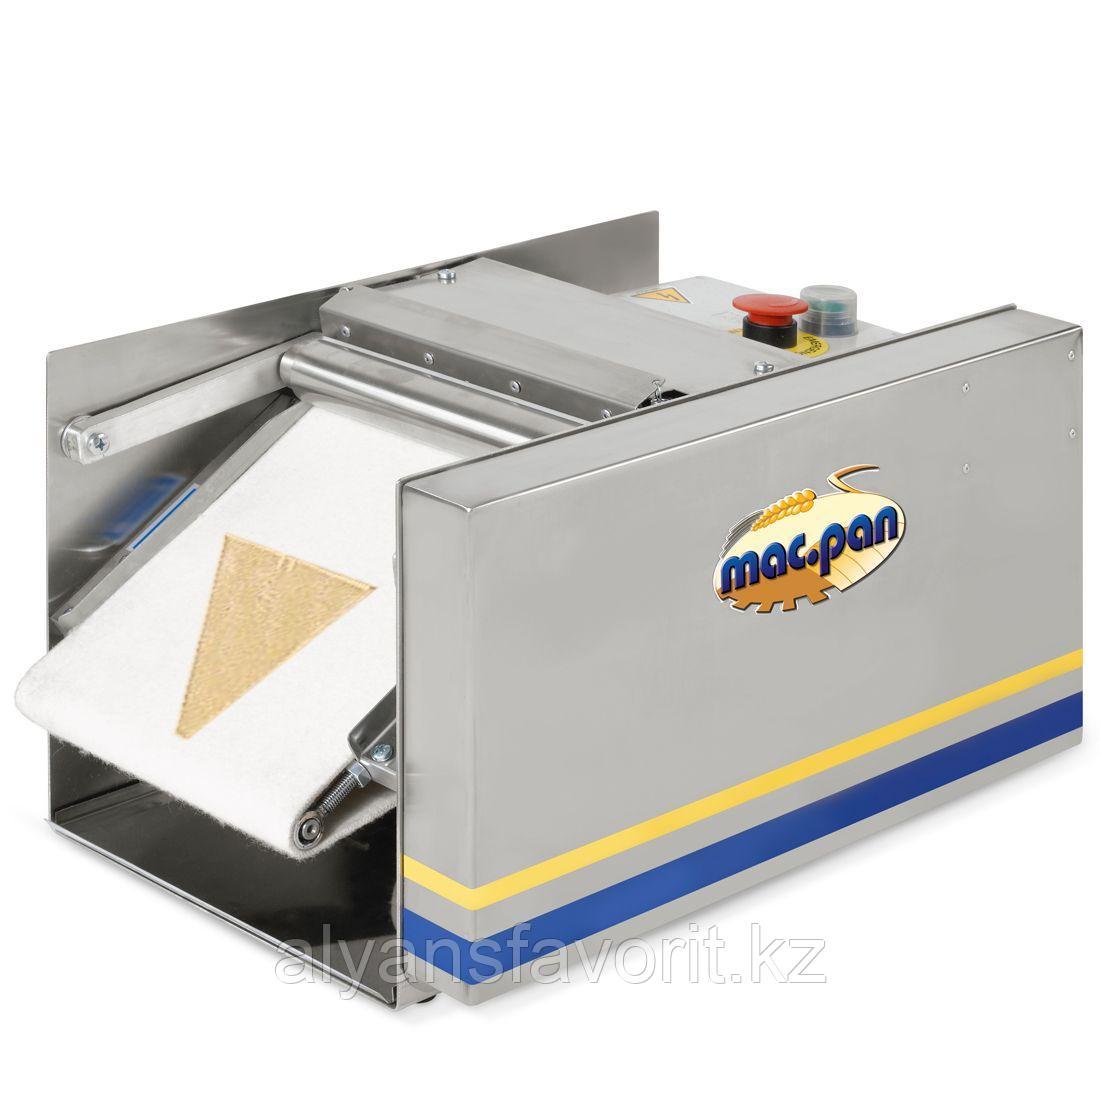 Тестозакаточная машина MAC.PAN FCB